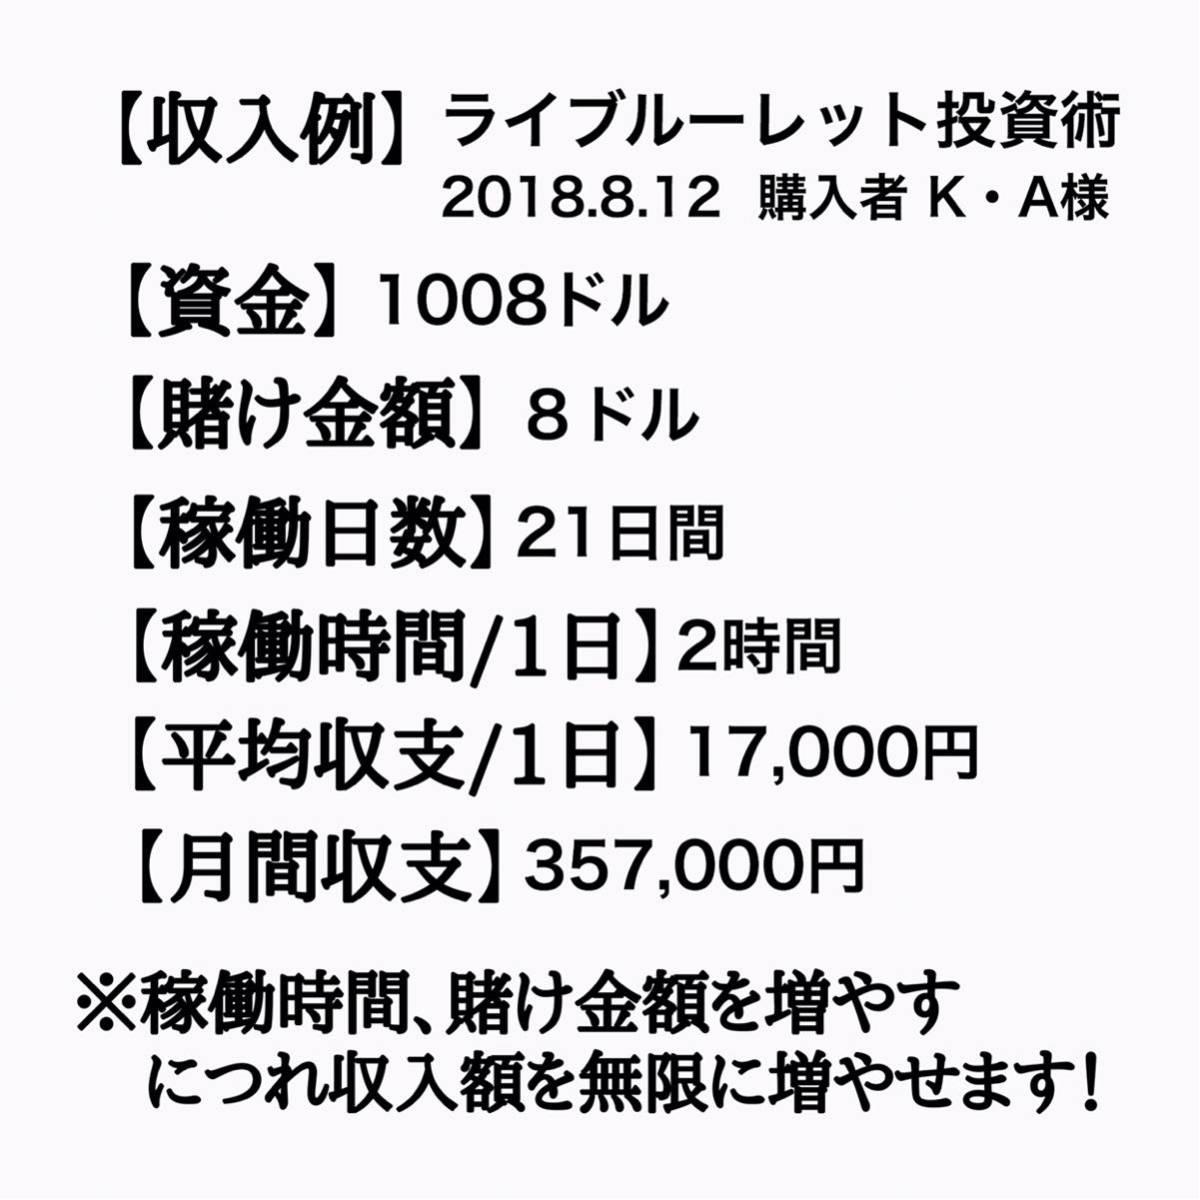 《先着3名様限定》通常価格¥90,000円⇒先着限定価格¥6,980円 完全オリジナル極秘投資術セット 攻略法 仮想通貨 FX 投資 カジノ 副業_画像5